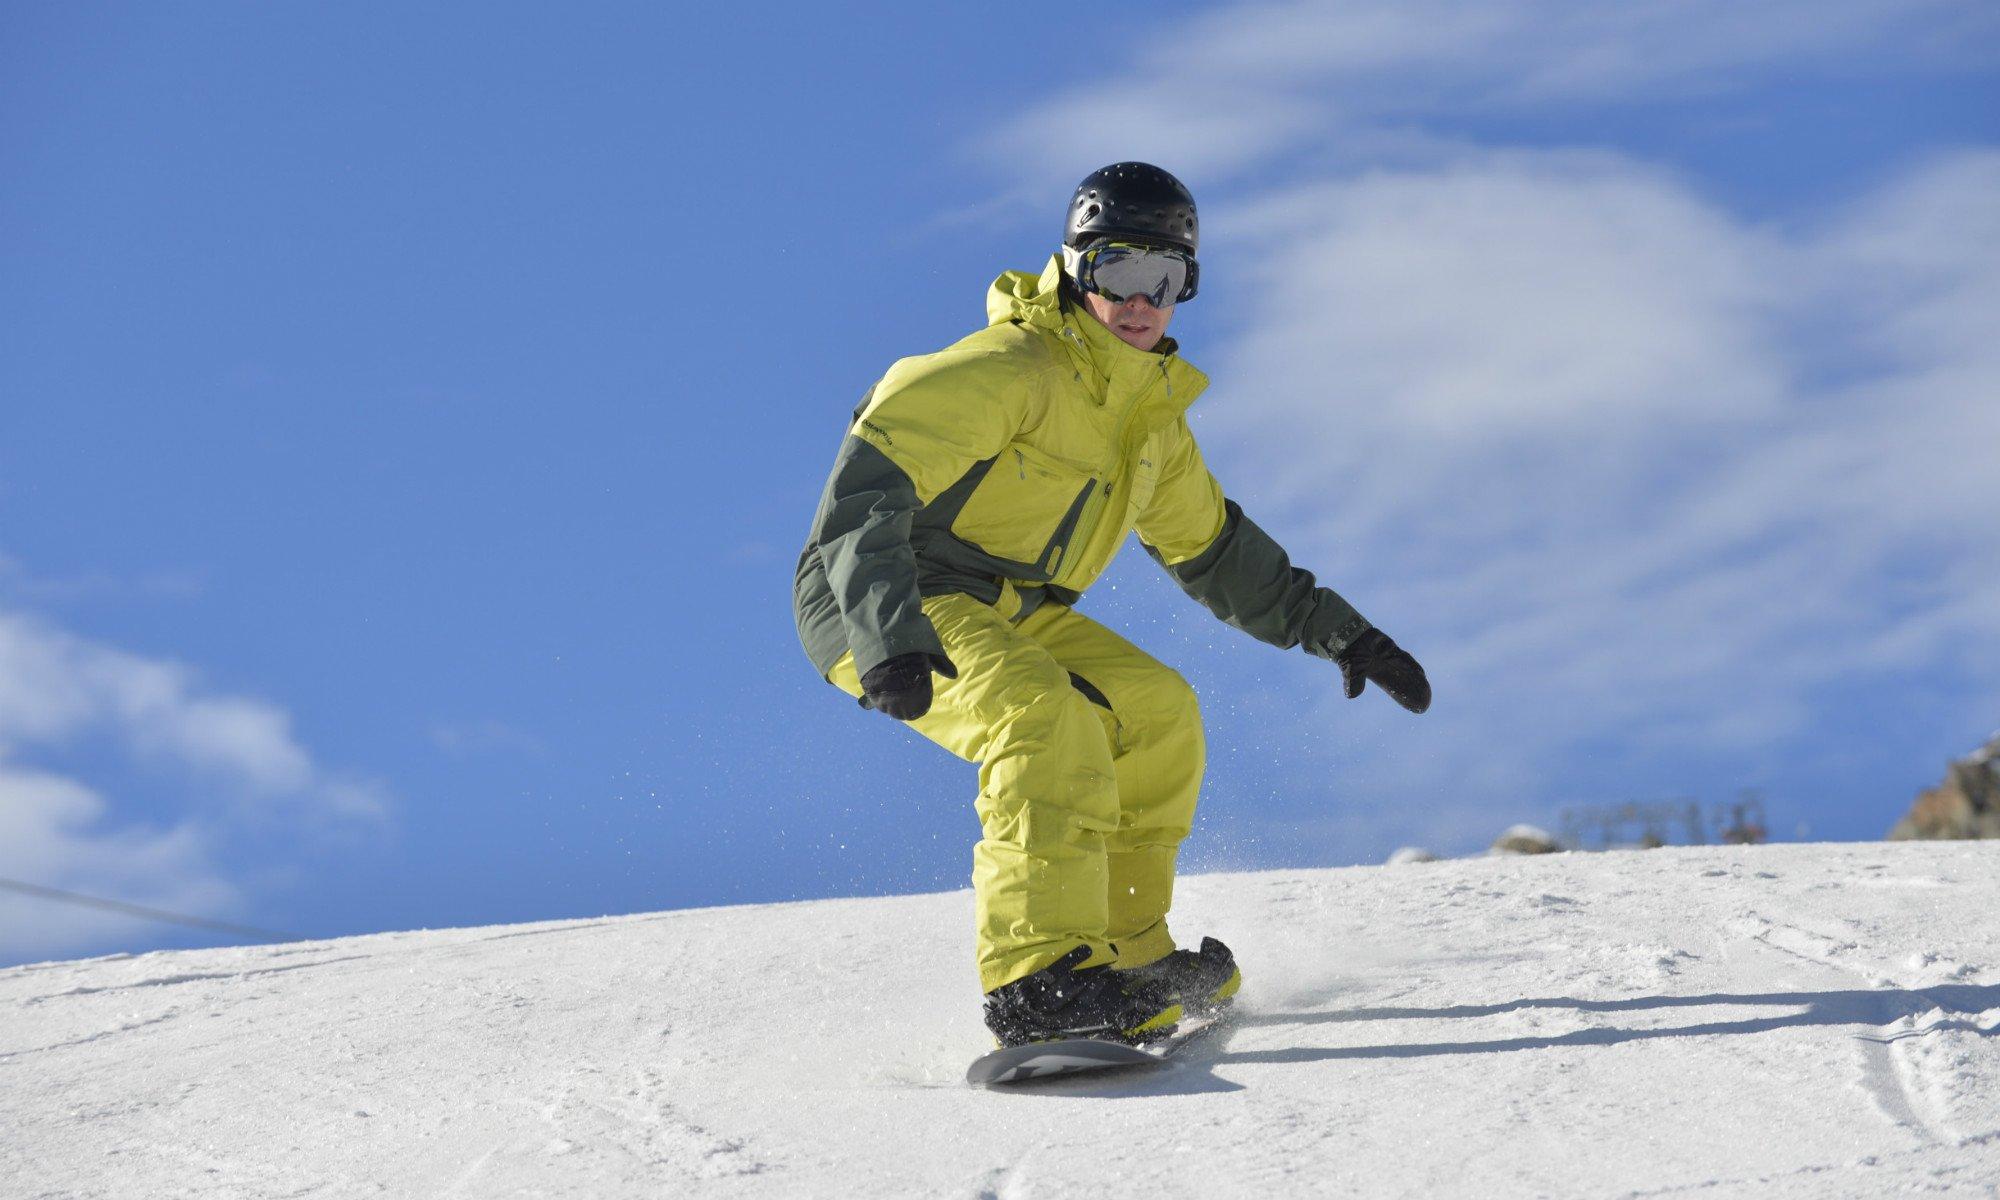 Ein Snowboarder auf einer schneebedeckten Skipiste am Stubaier Gletscher.